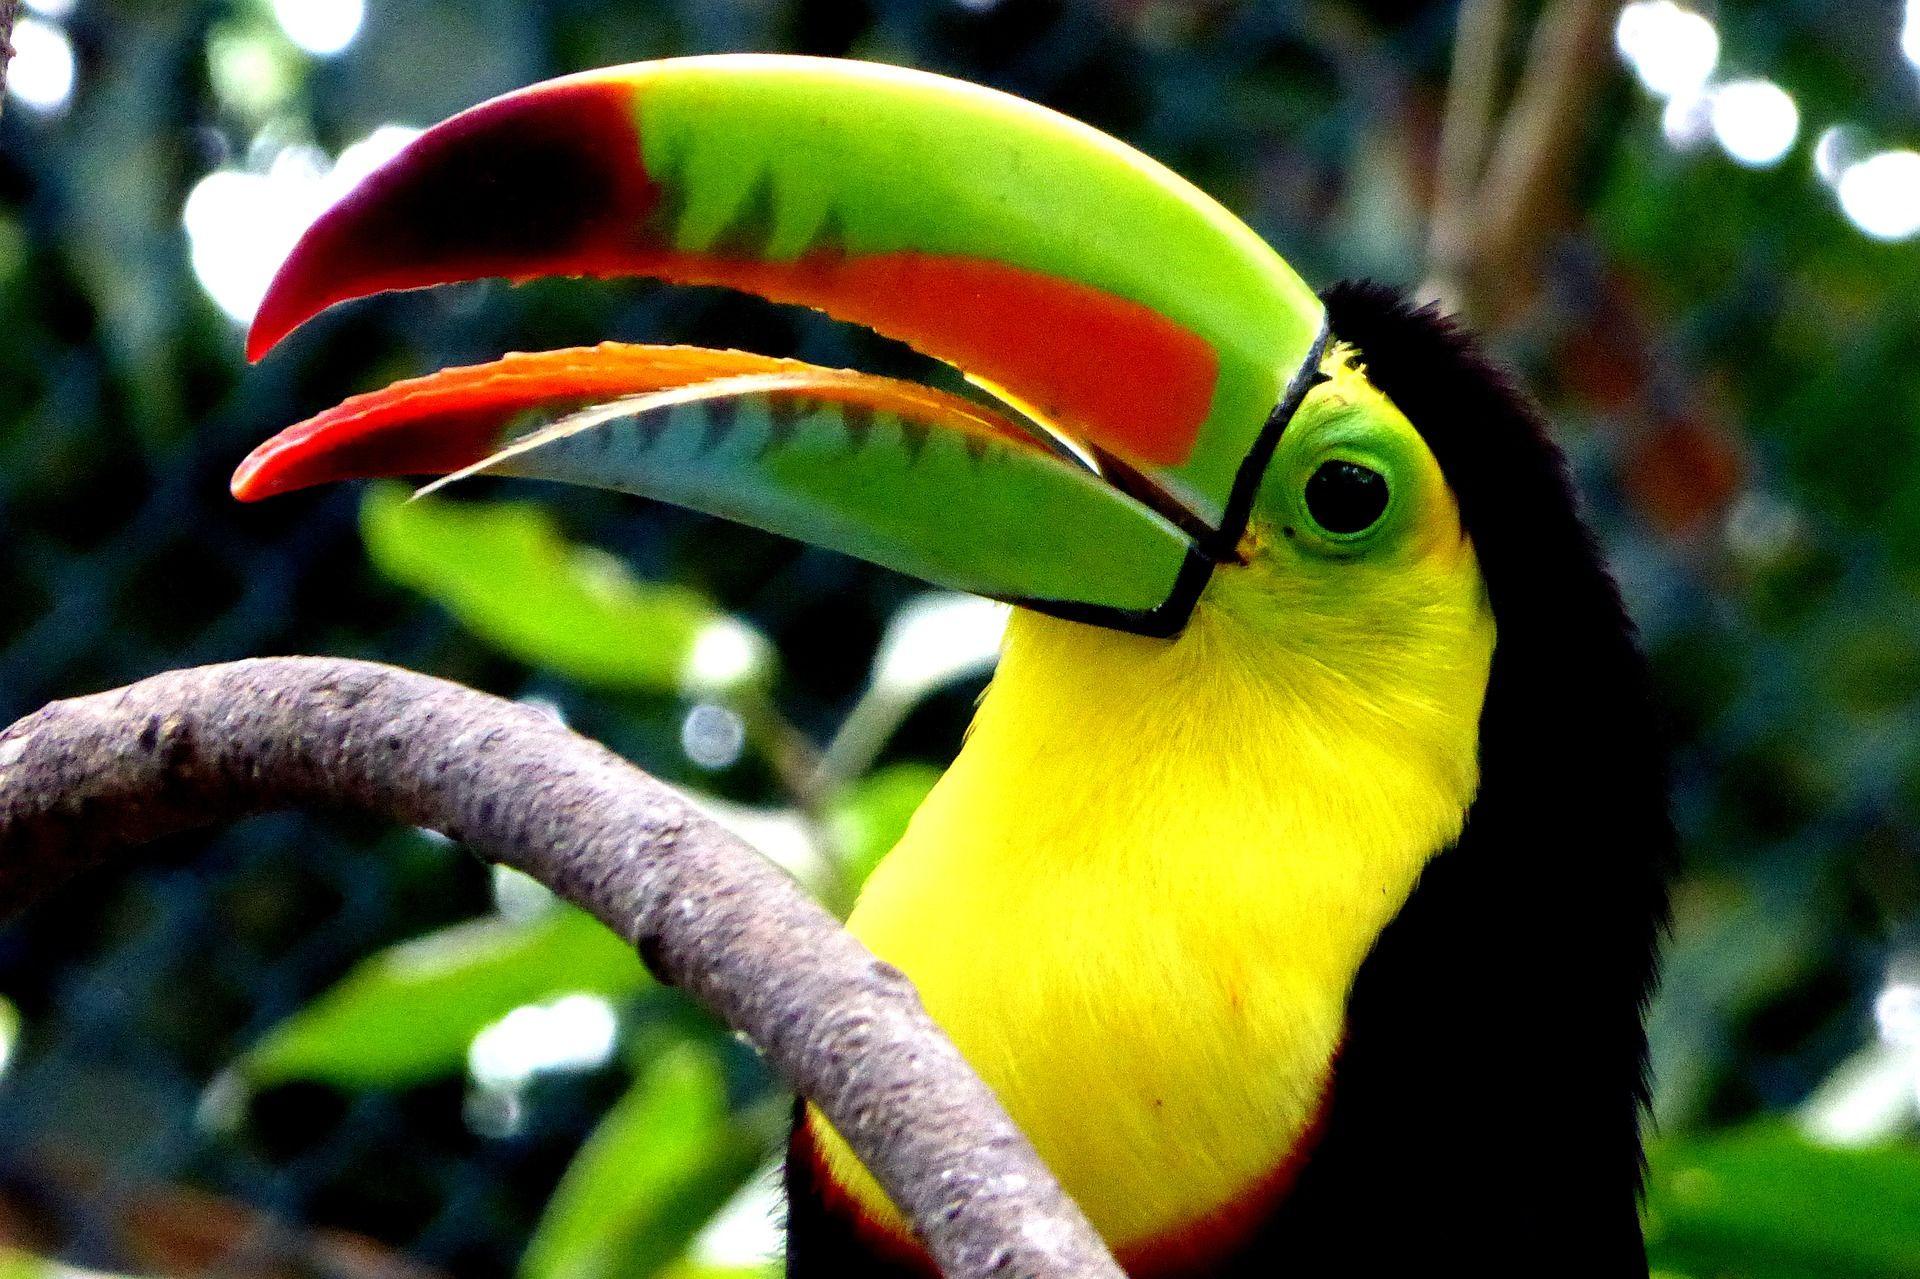 Смотреть фото птицы тукана онлайн